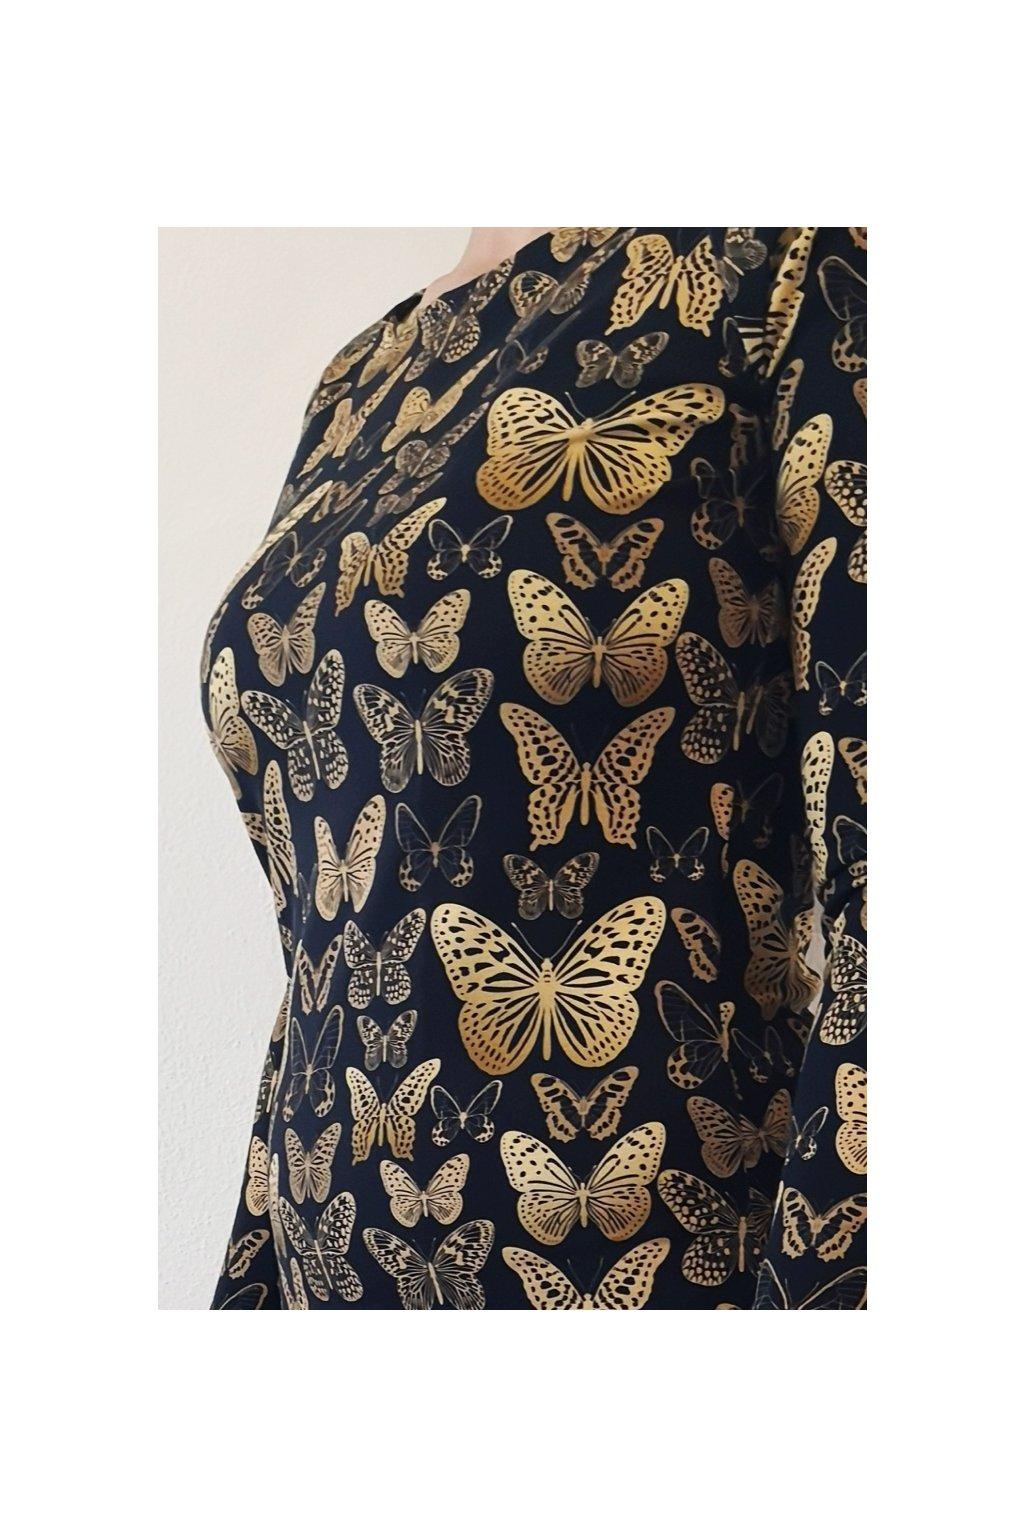 Šaty Zlatí motýlci | úplet